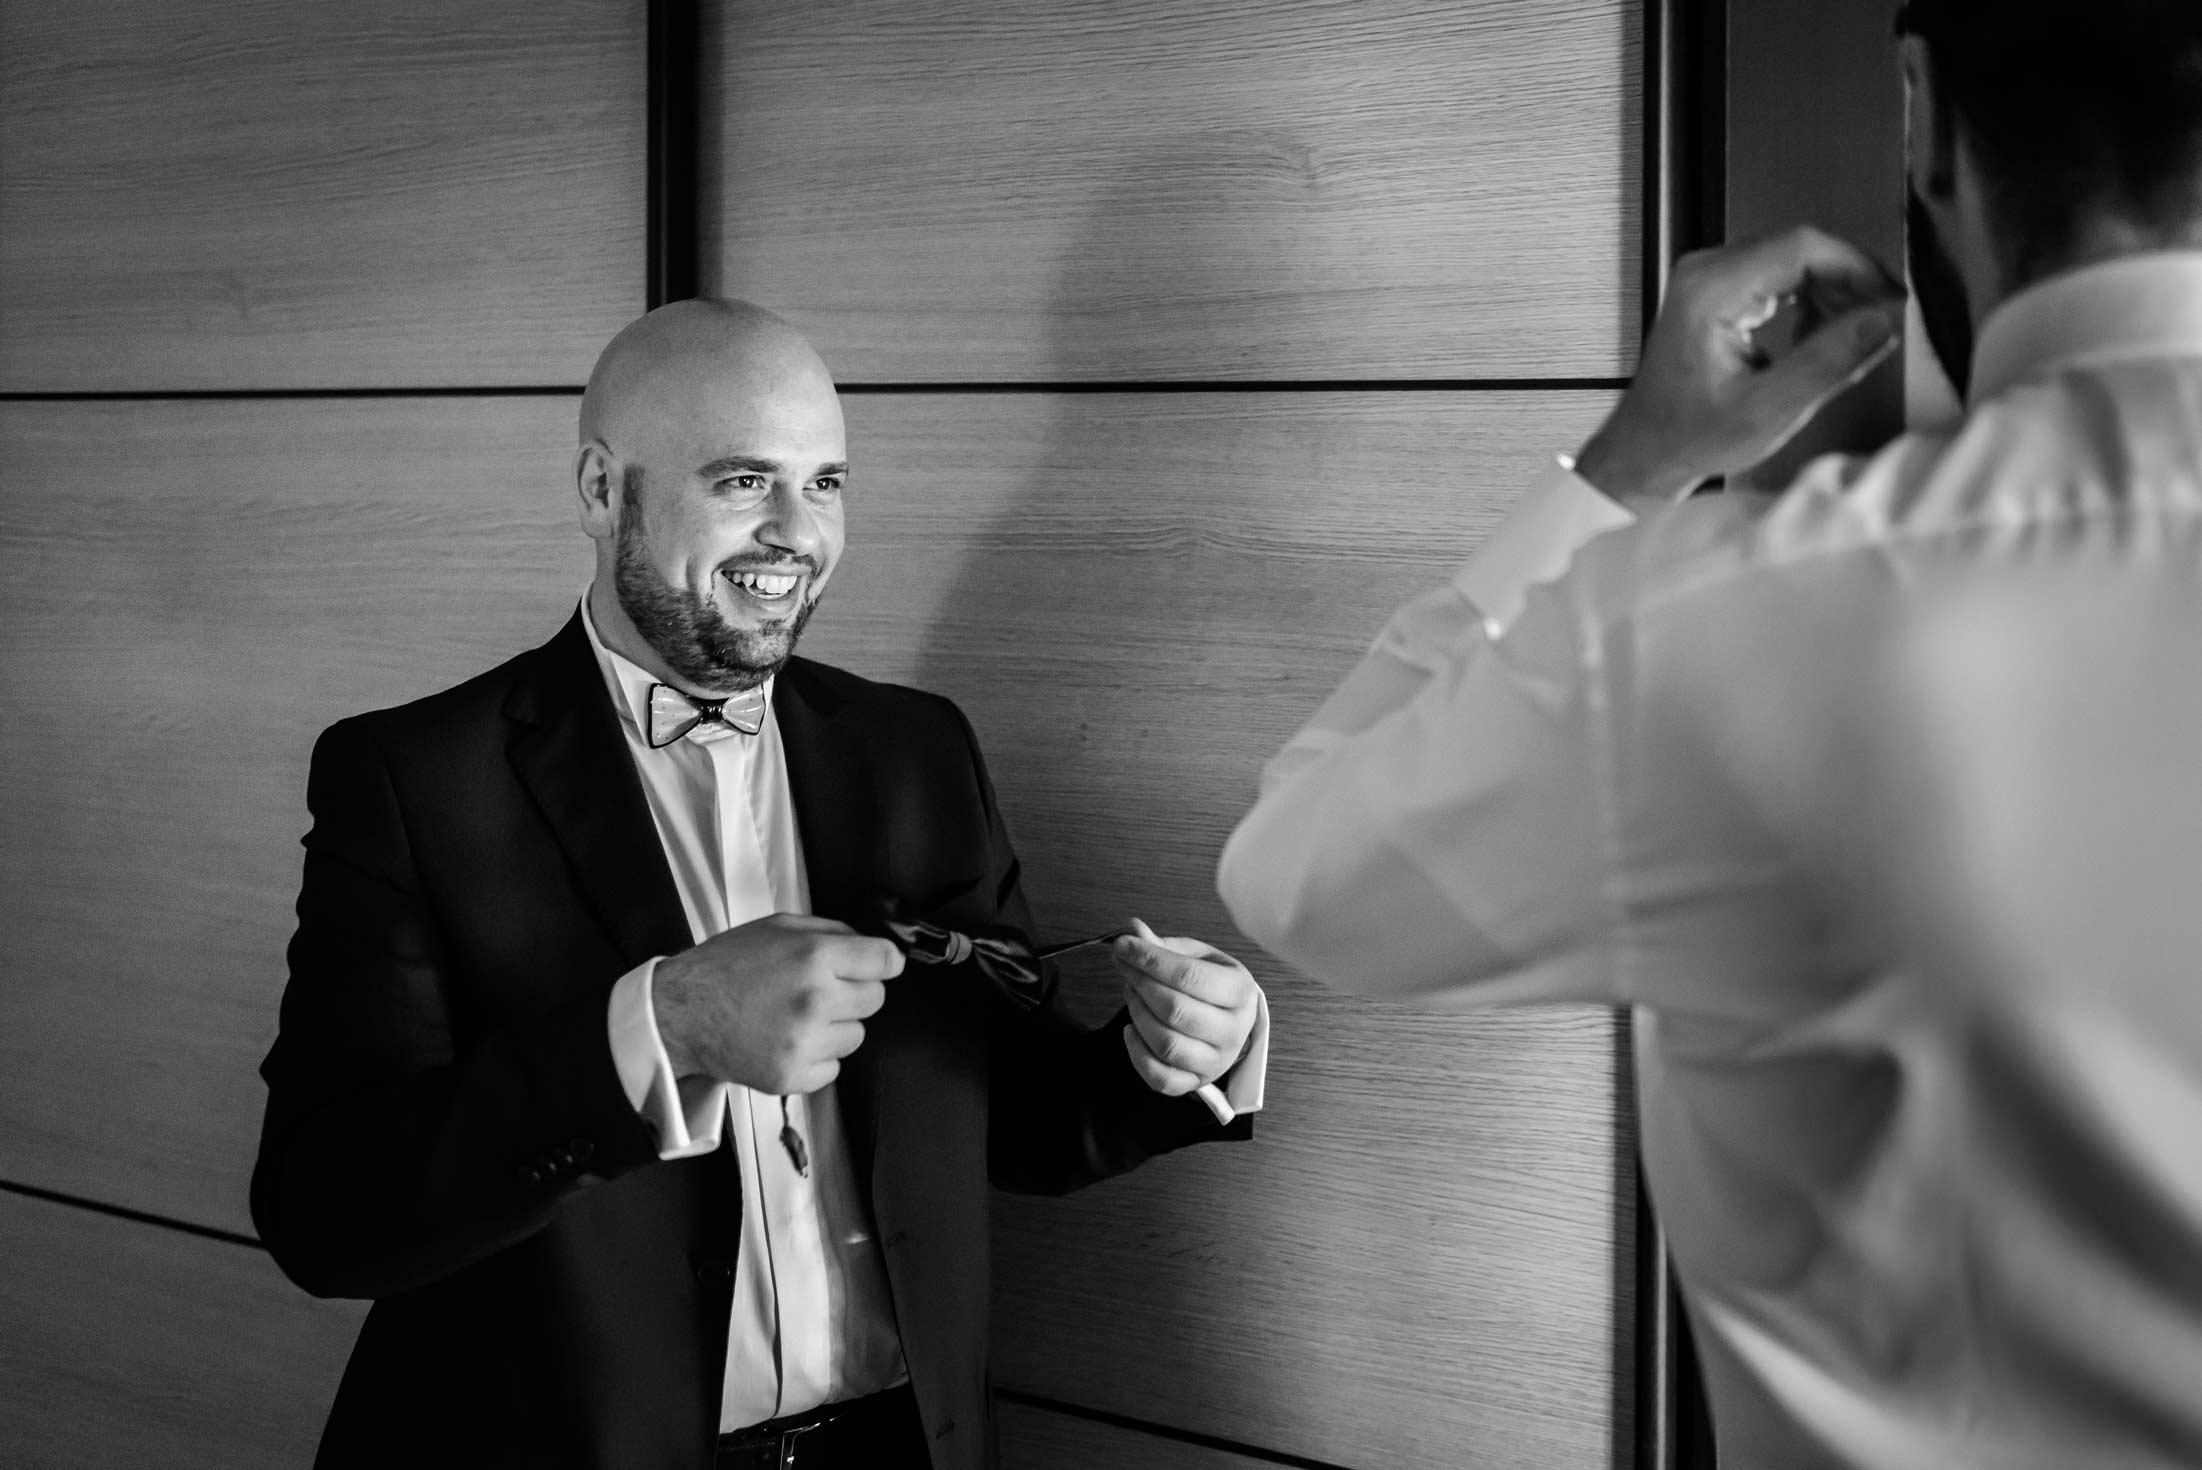 Fotografo-Reportage-Matrimonio-Preparativi-Sposo